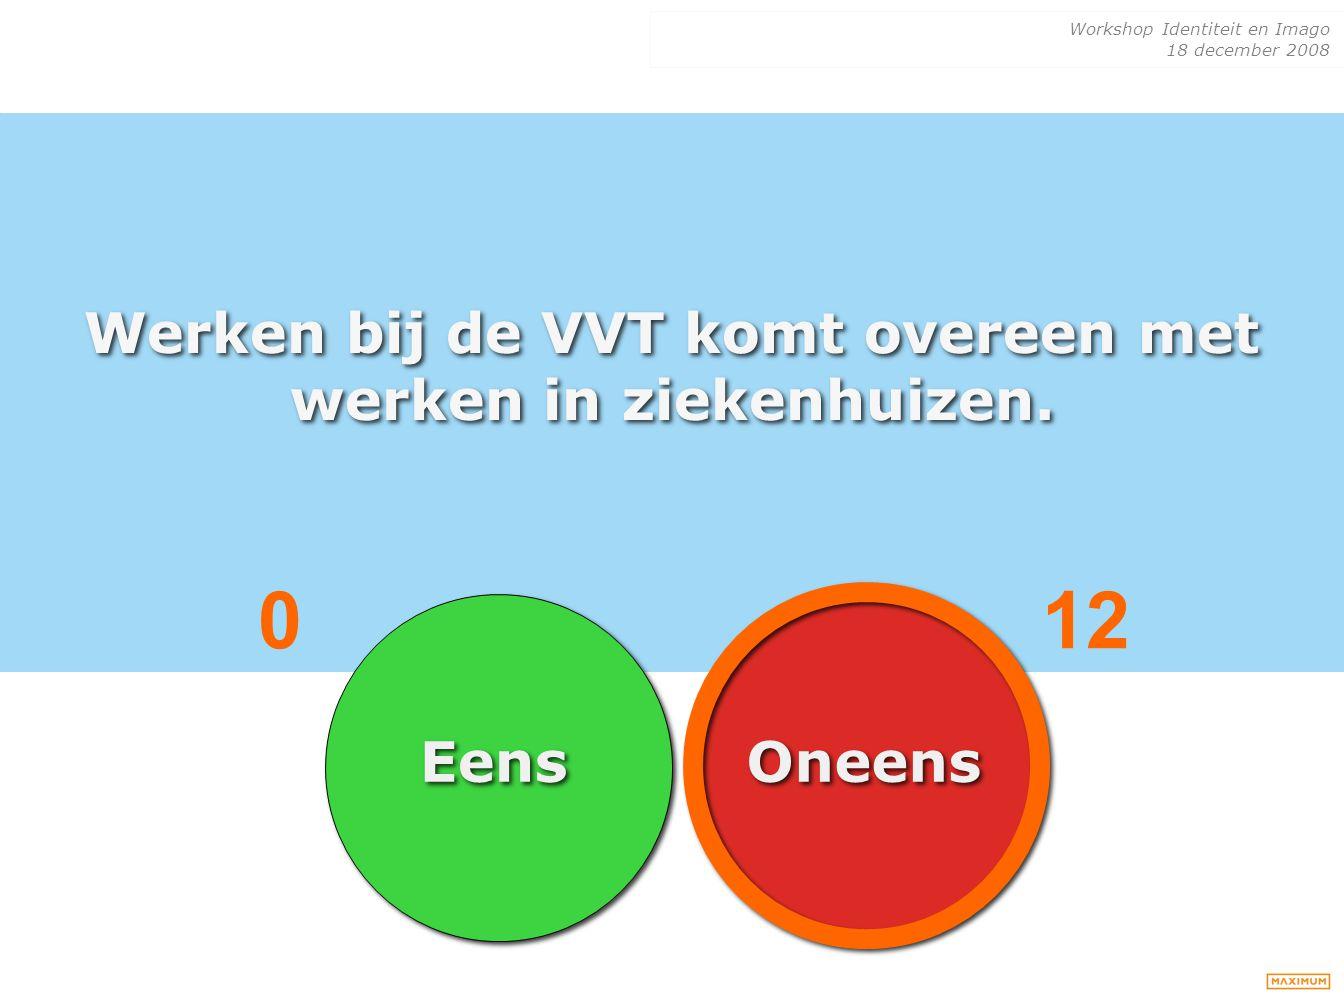 Werken bij de VVT komt overeen met werken in ziekenhuizen.